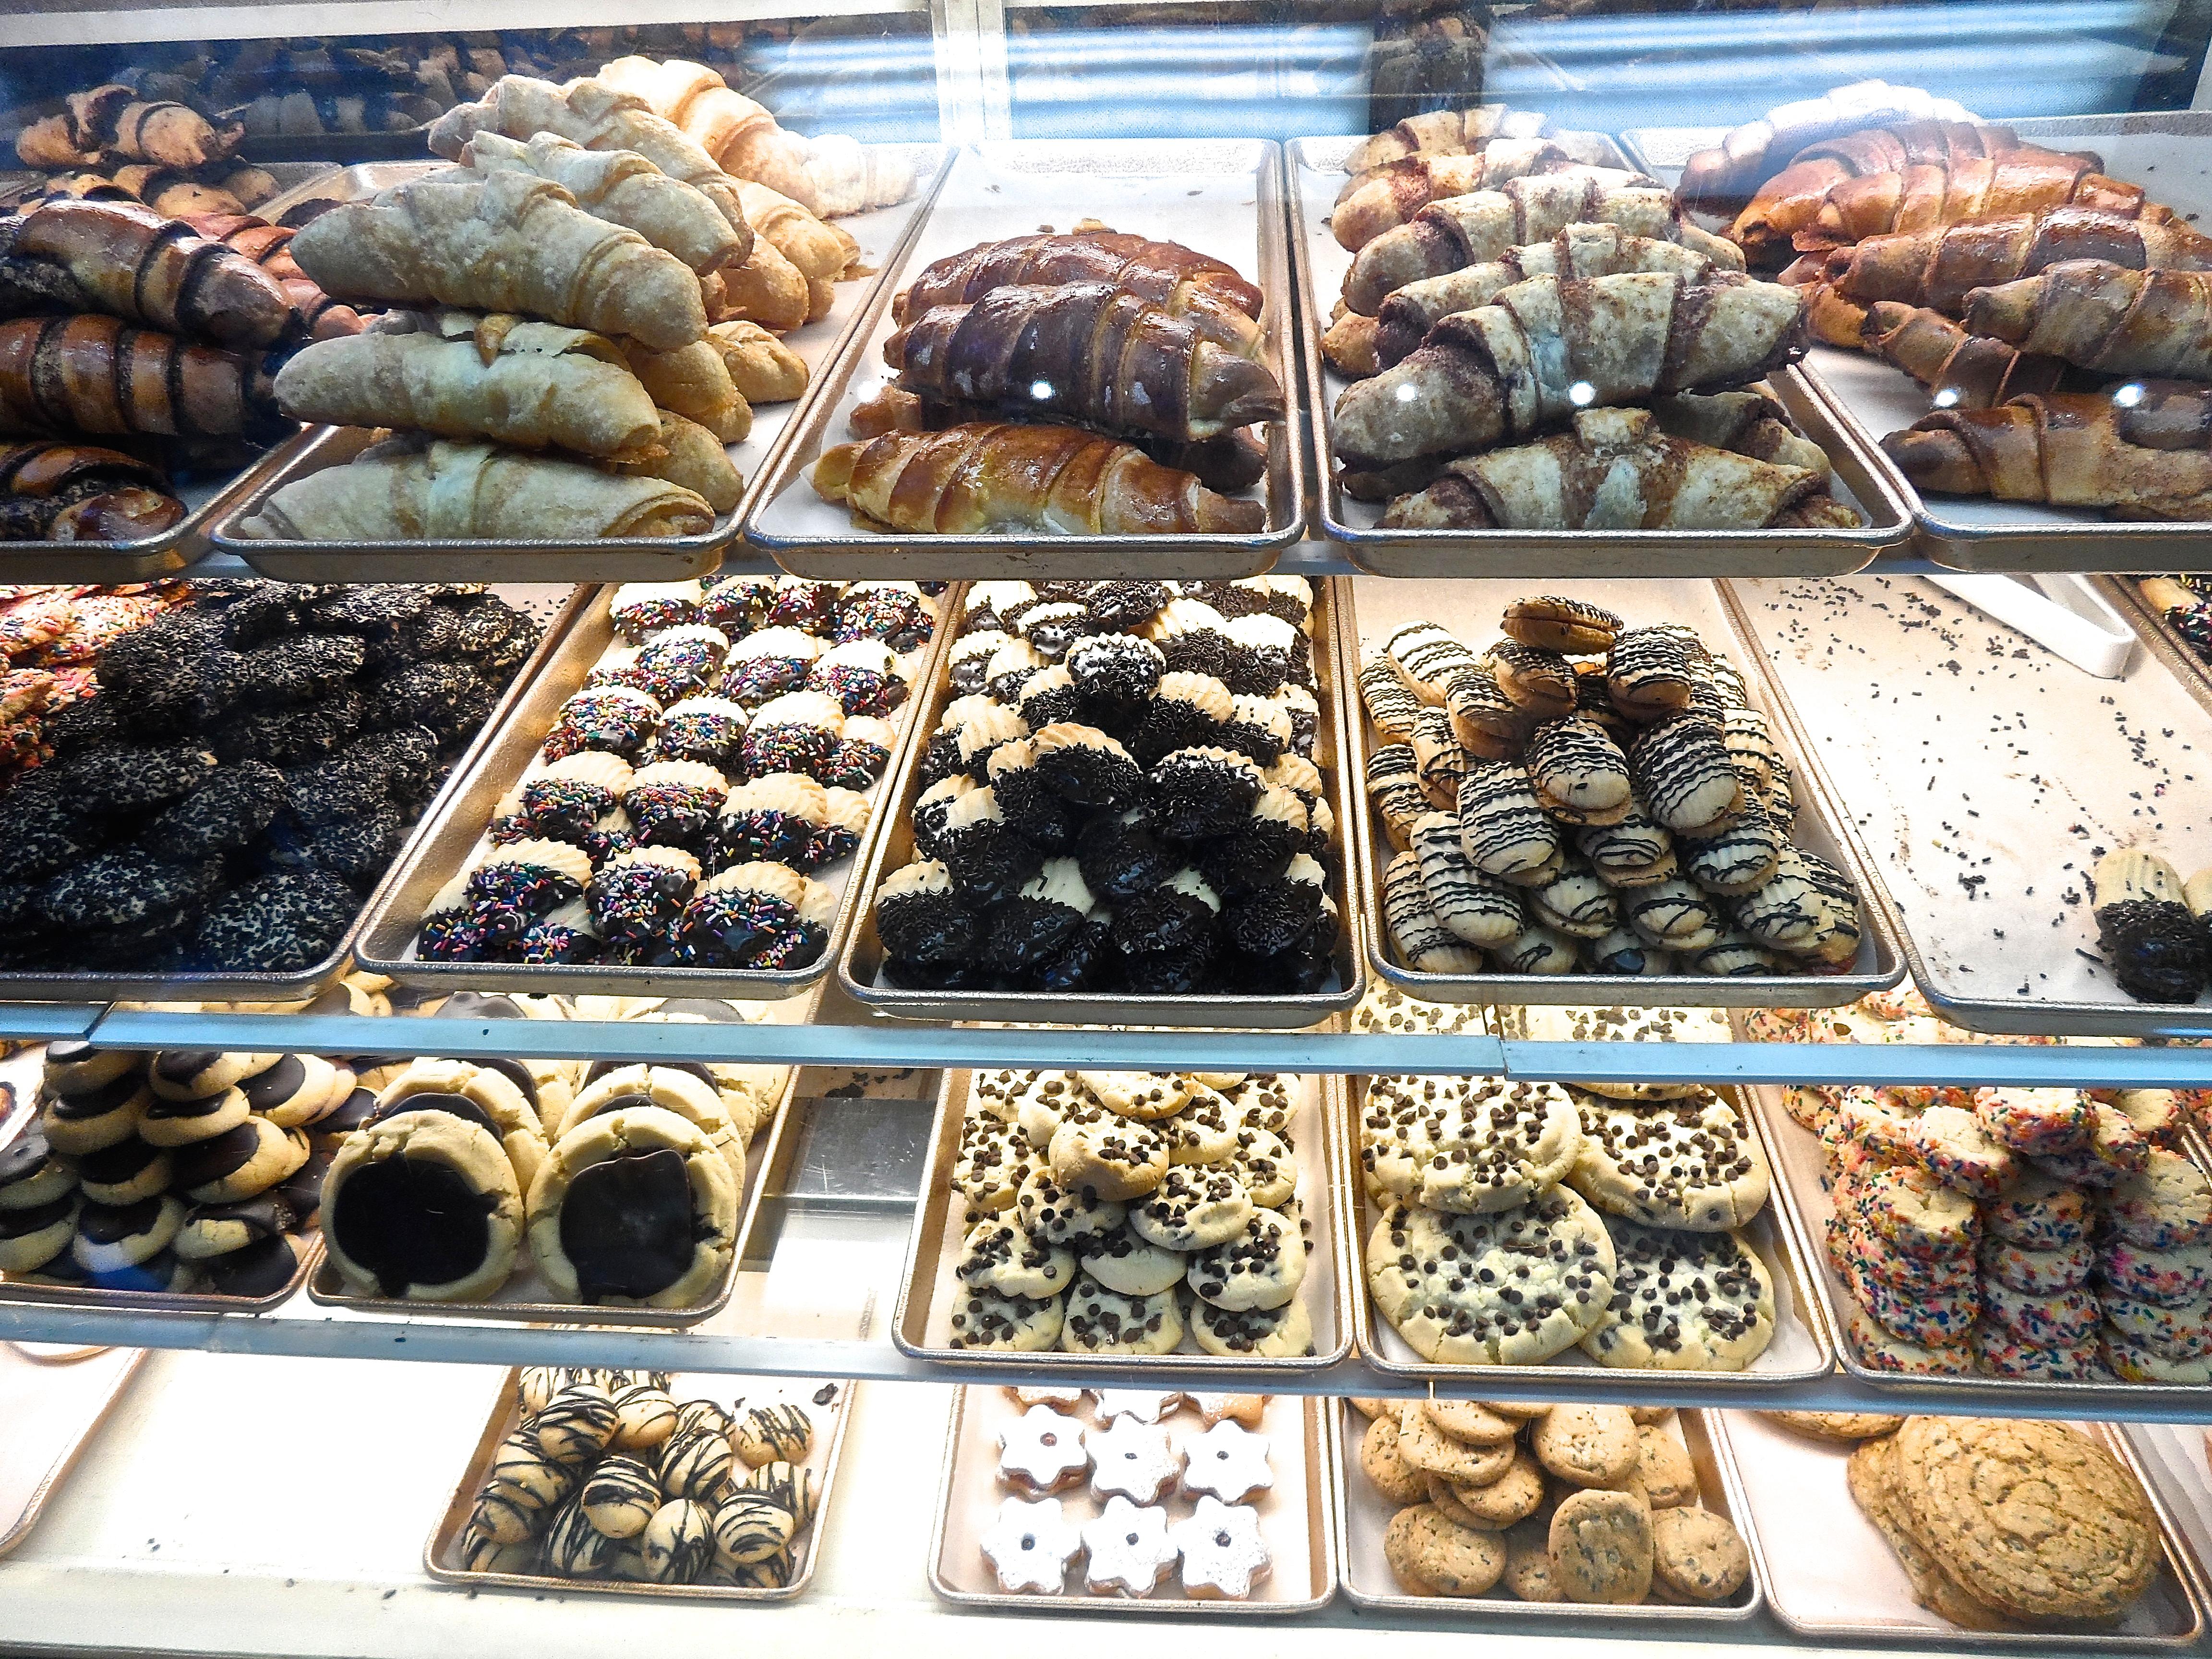 peanut free bakery in birmingham al